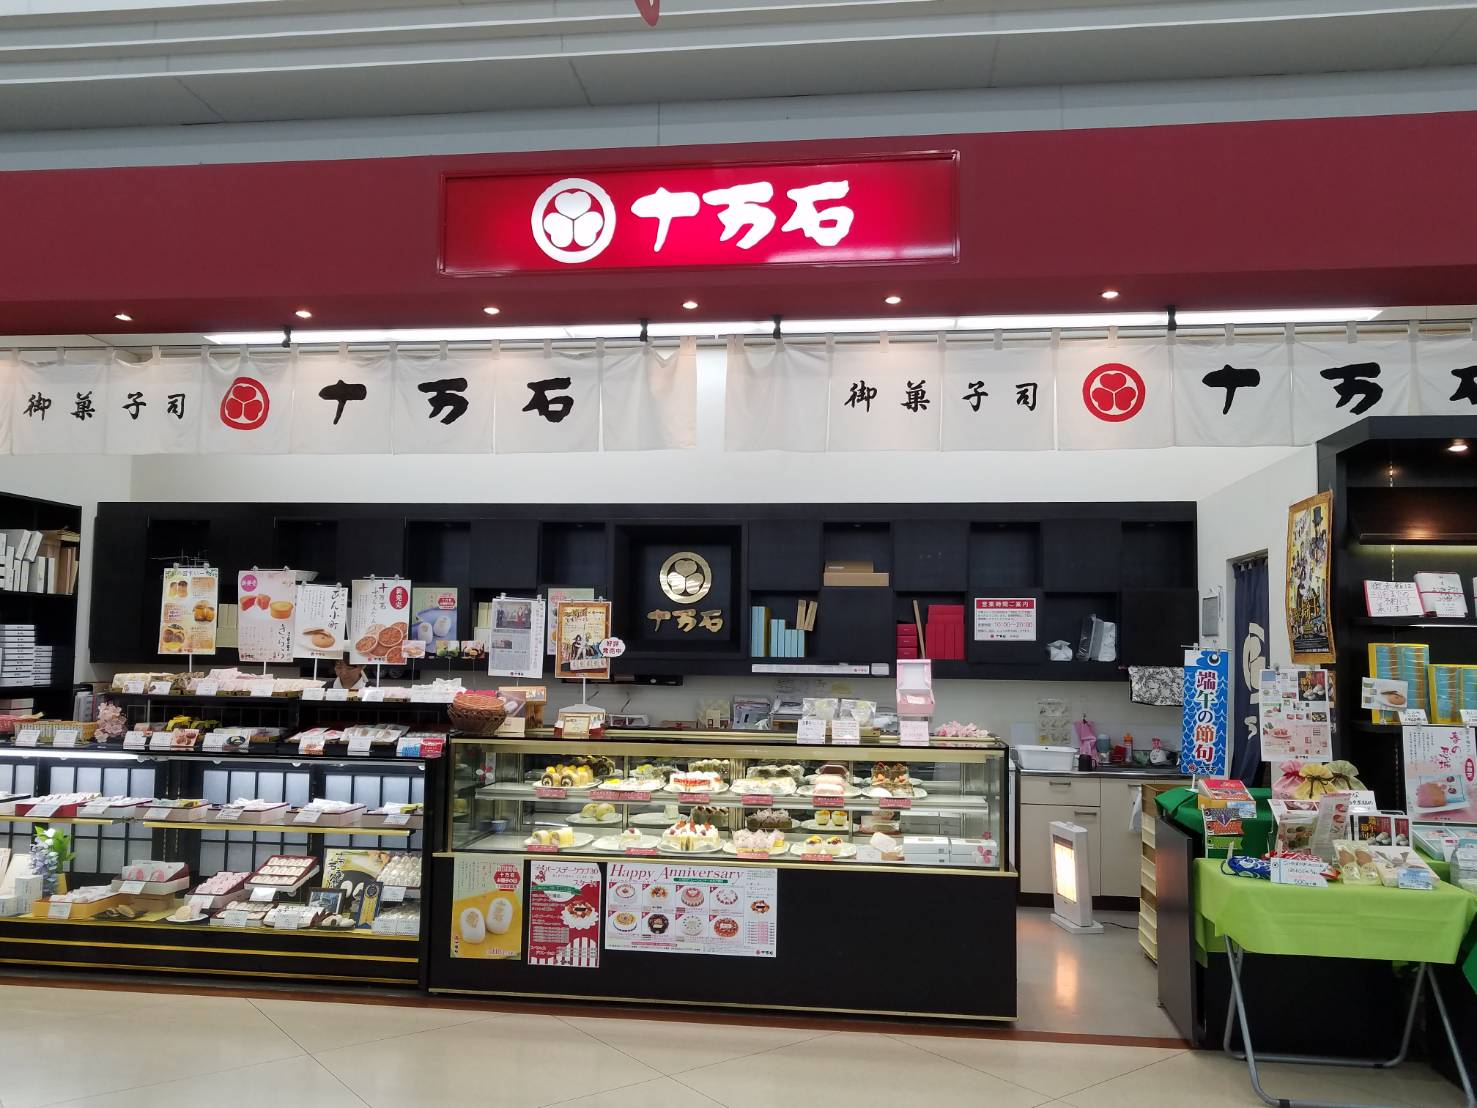 十万石ベイシア行田持田店